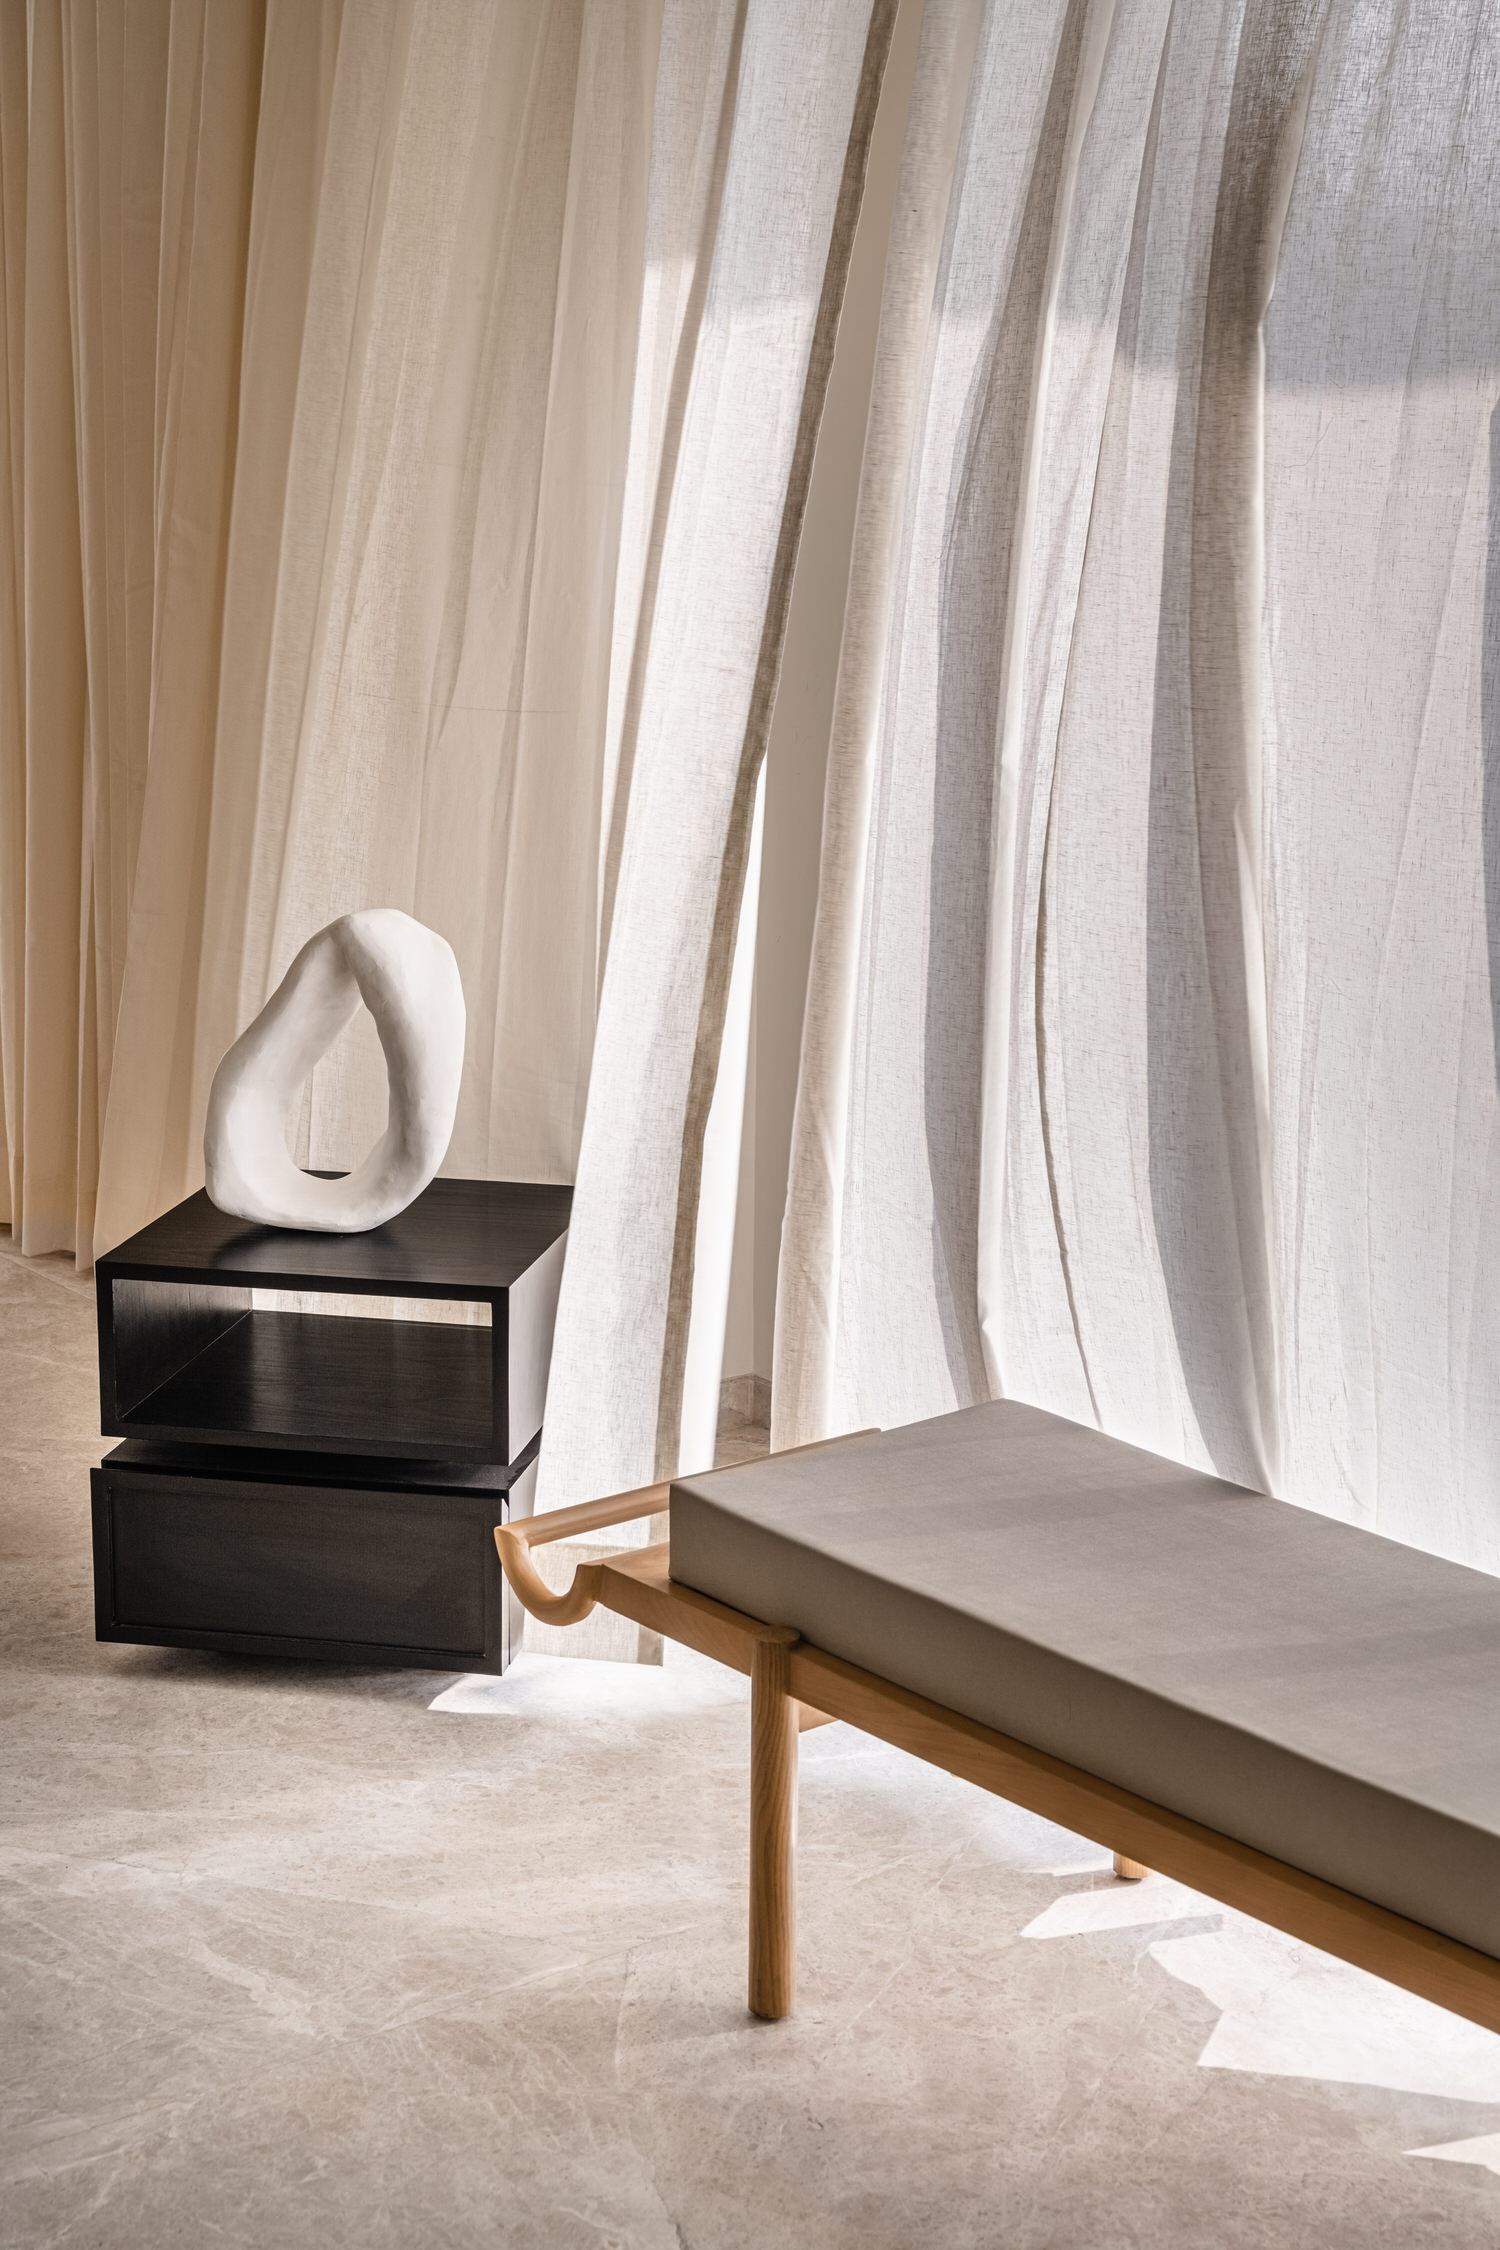 The Act Of Quad Mumbai Apartment Interior Design Yellowtrace 32